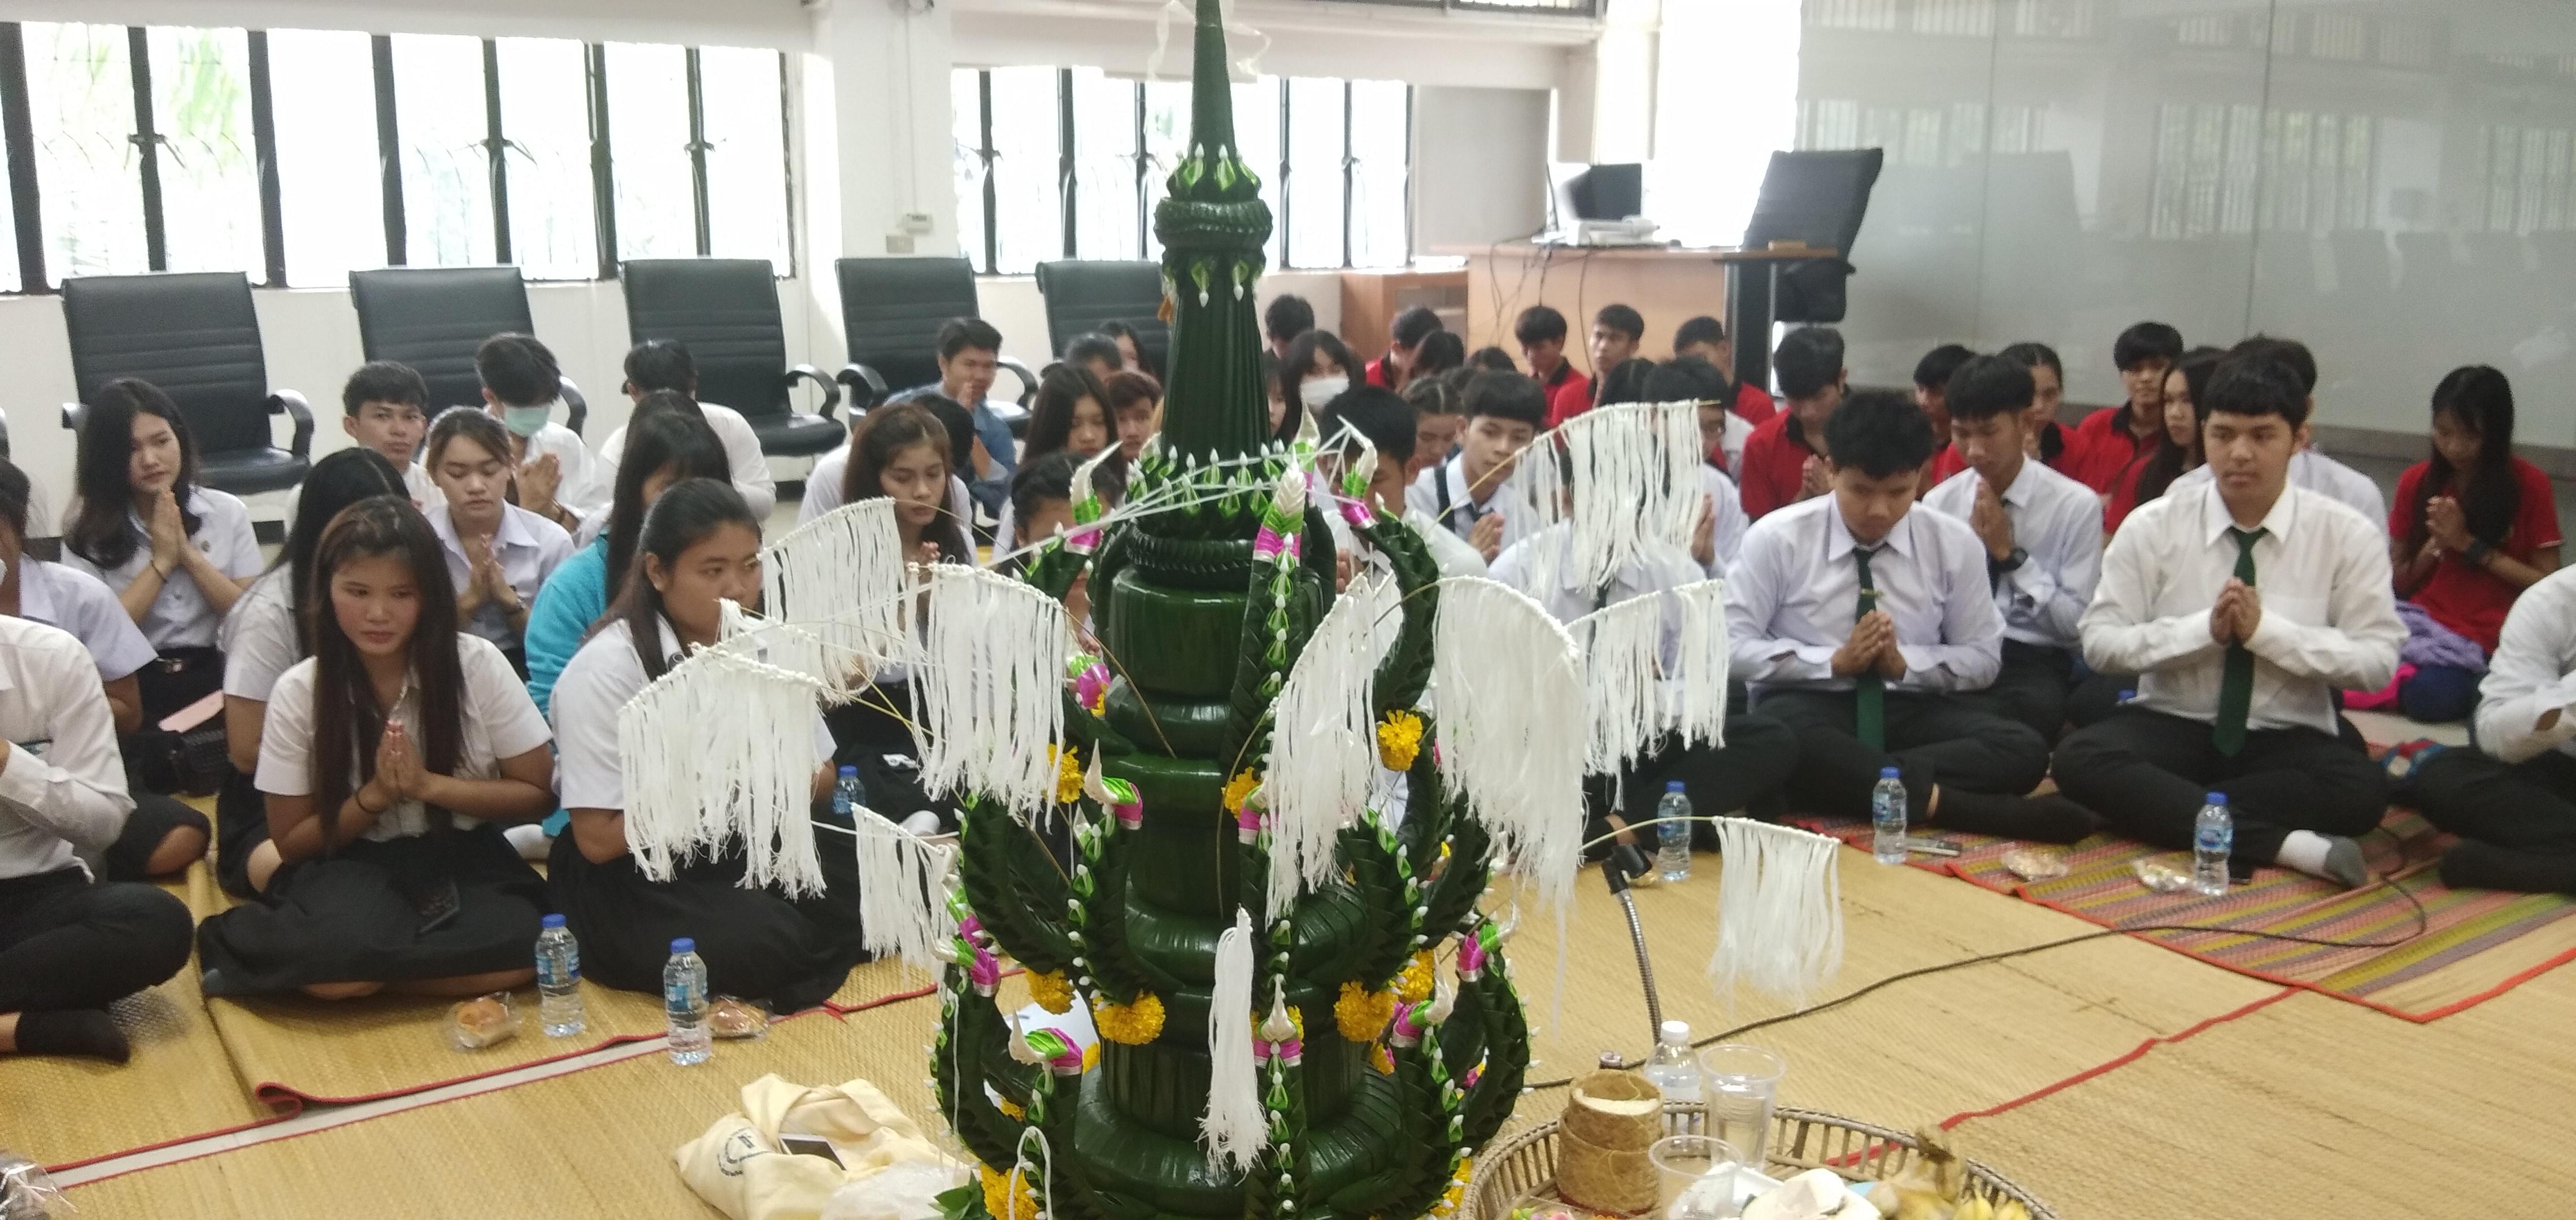 พิธีบายศรีสู่ขวัญนักศึกษาใหม่ ปีการศึกษา 2562